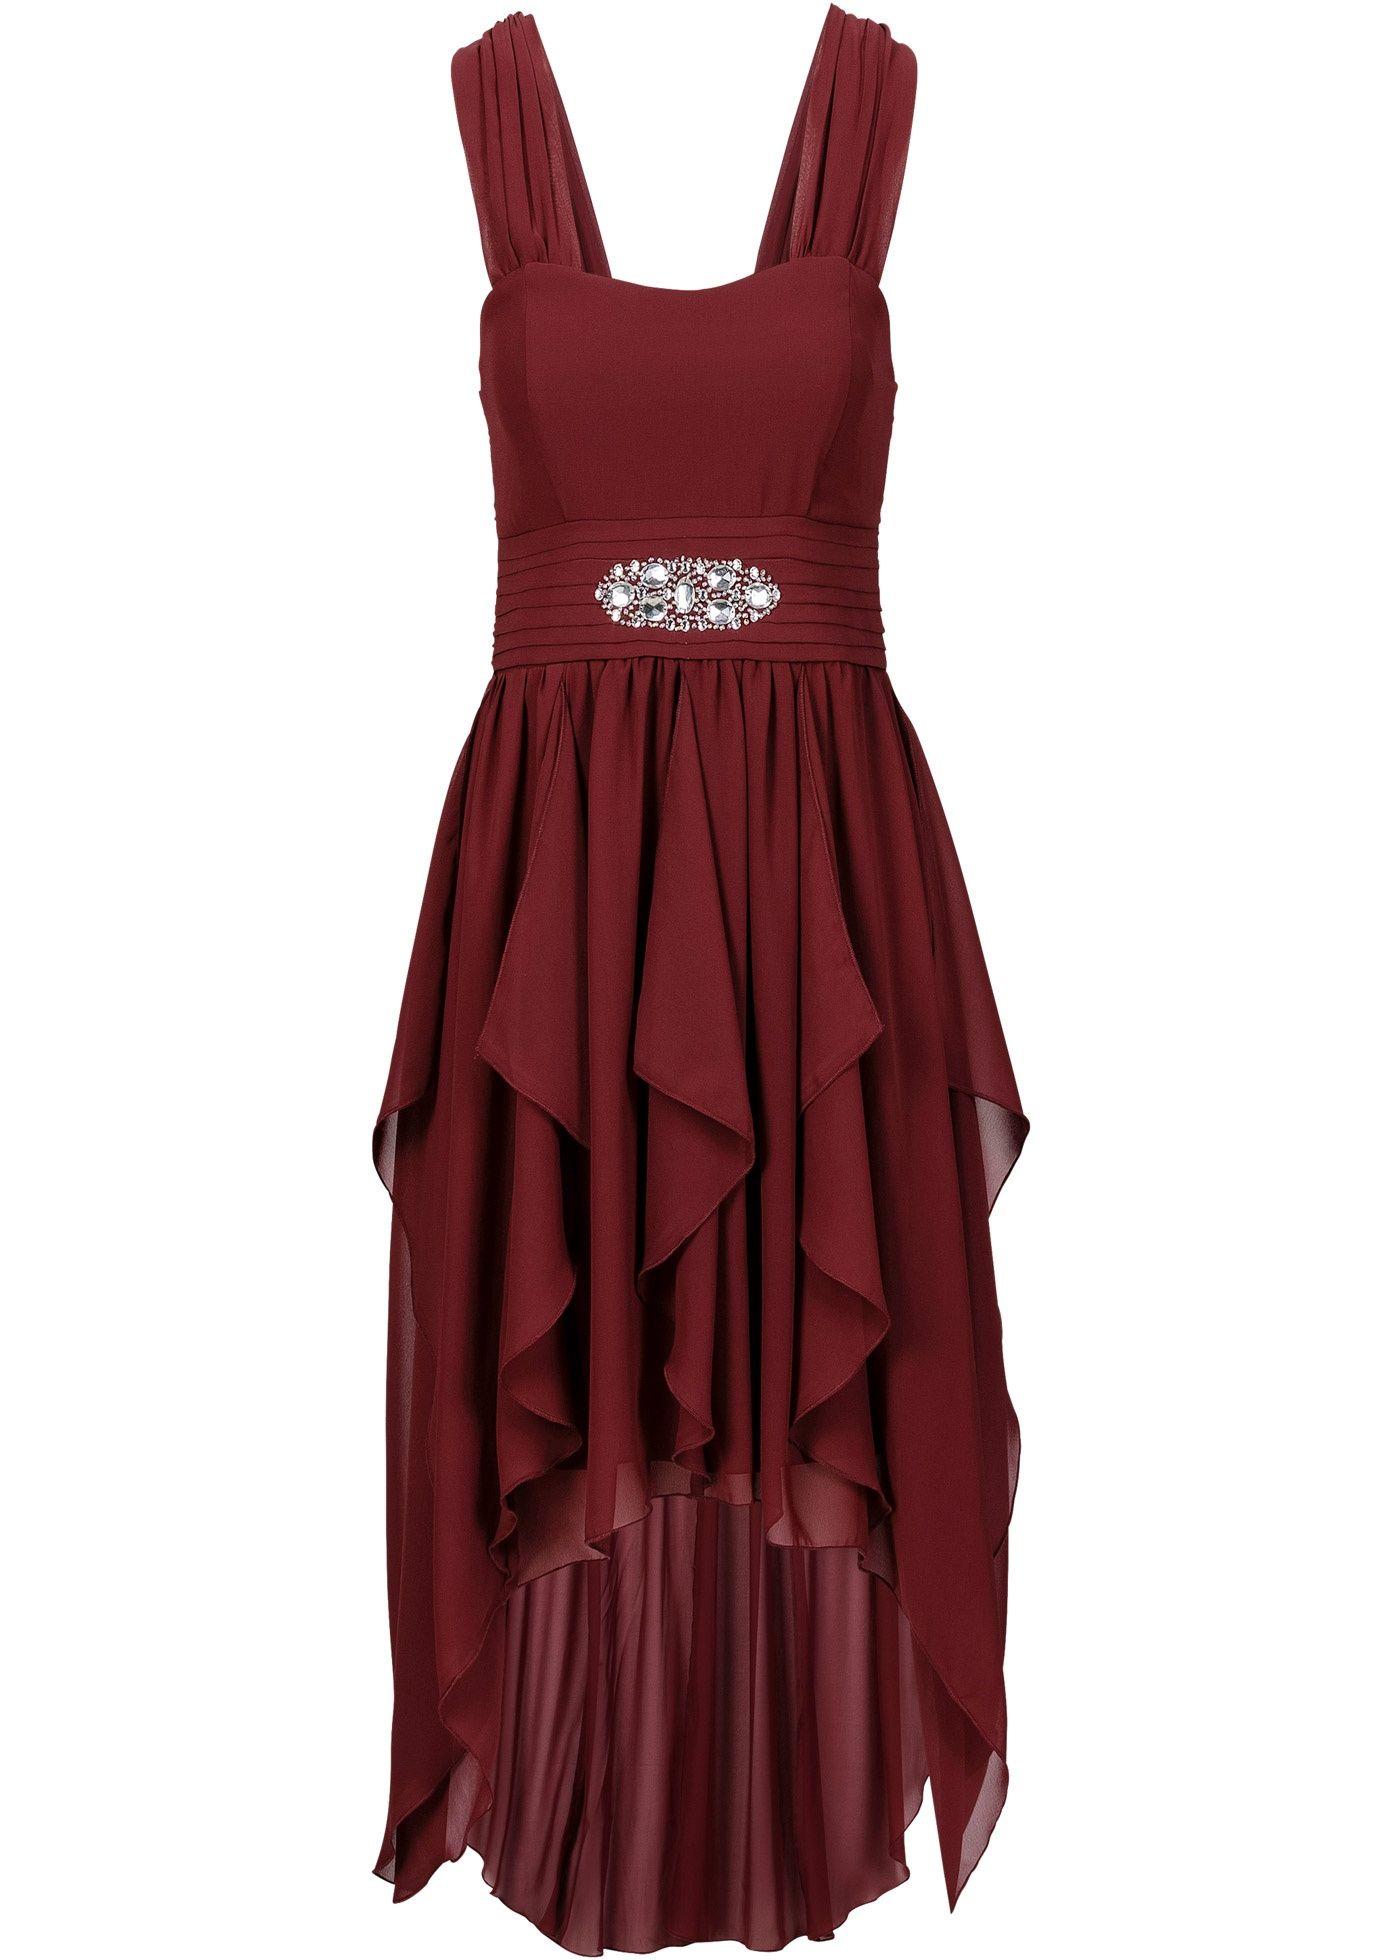 Kleid ahornrot - BODYFLIRT jetzt im Online Shop von bonprix.de ab € 36,99  bestellen. Reizvolles Maxikleid der Marke BODYFLIRT. Mit verstellbaren,  schmalen . db883da2c7